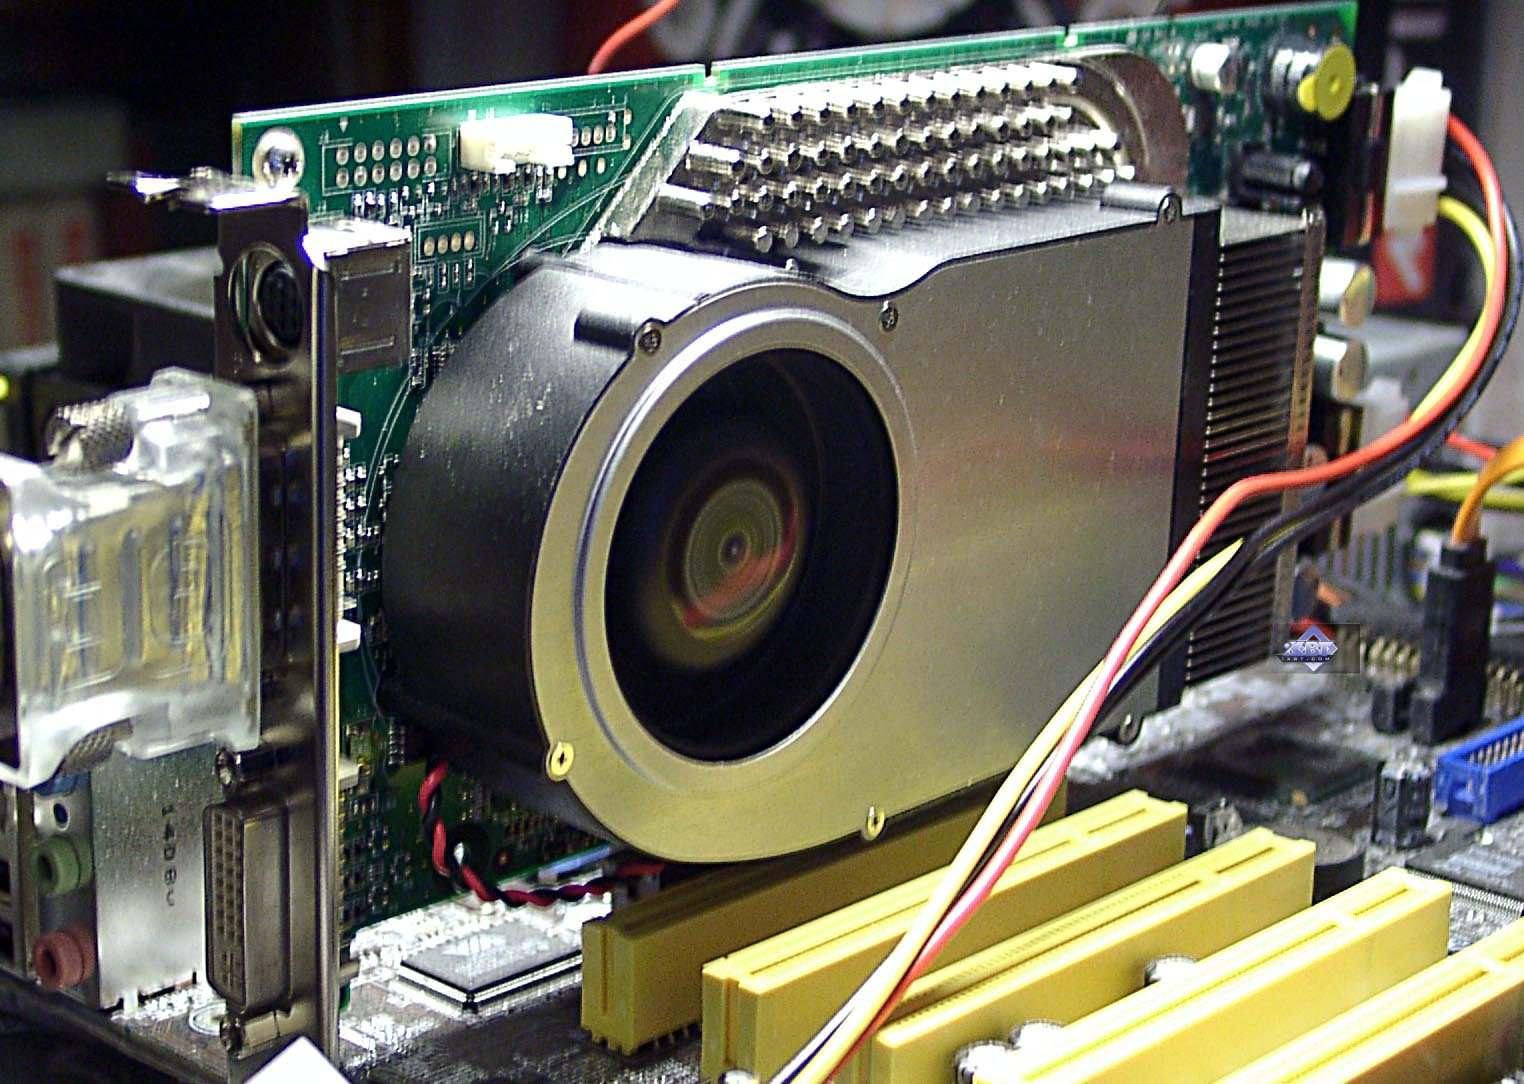 6800 ultra agp 8x ddr3: